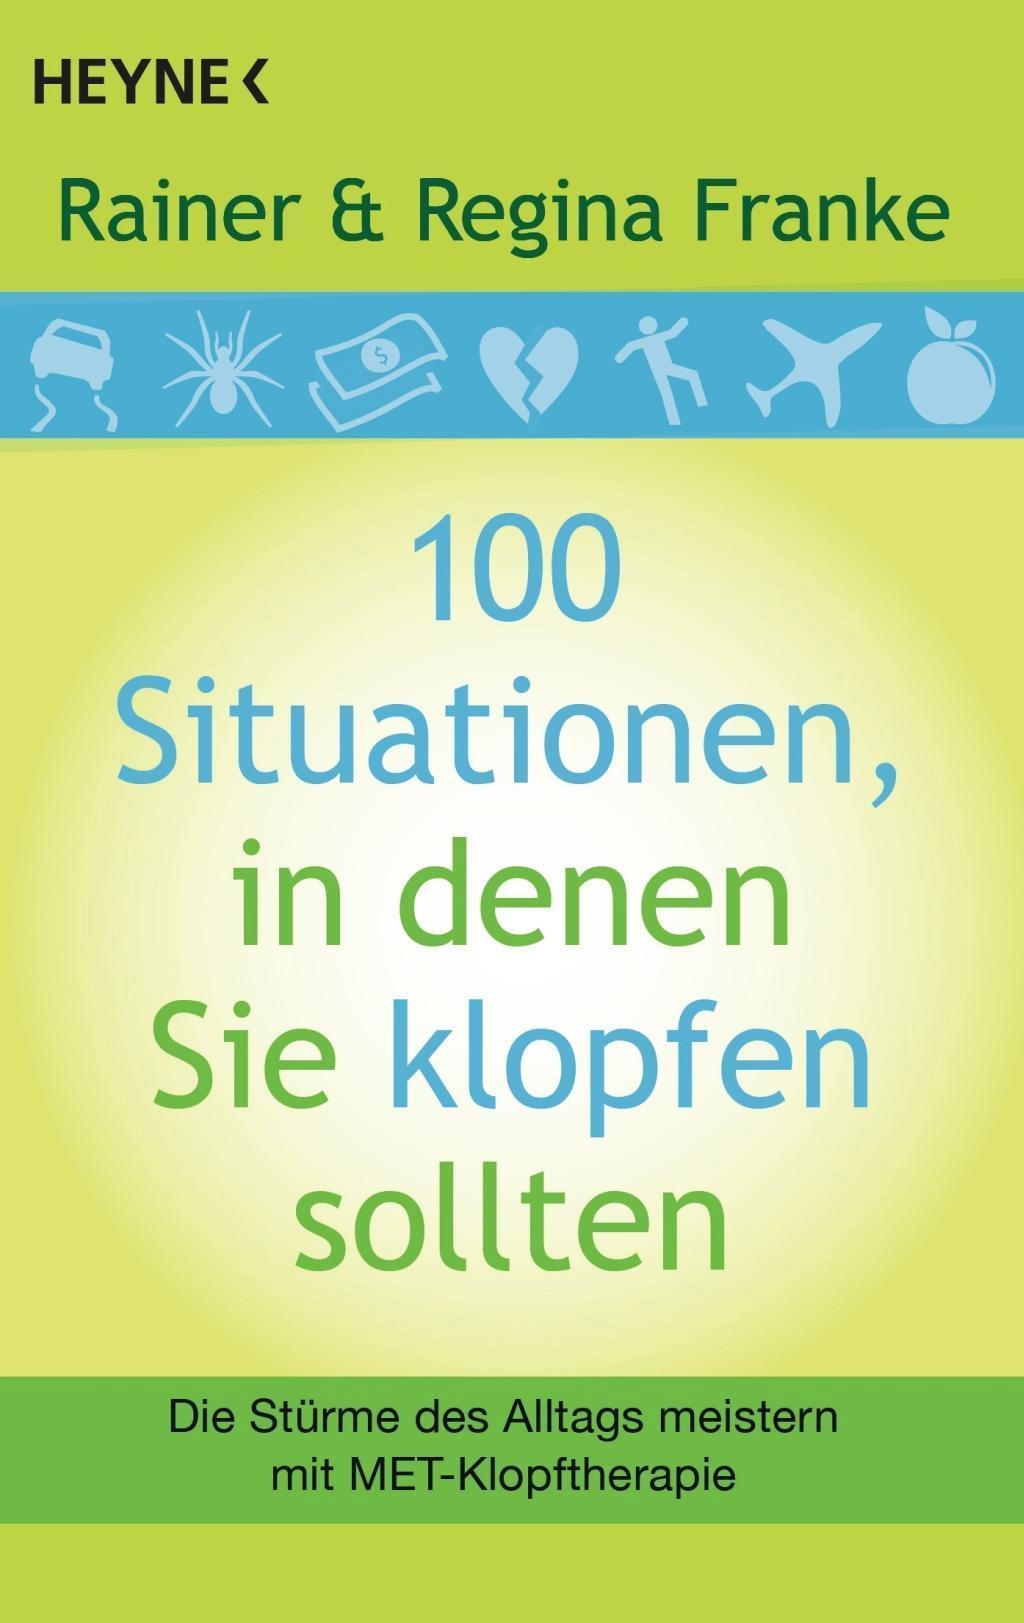 100 Situationen, in denen Sie klopfen sollten 1